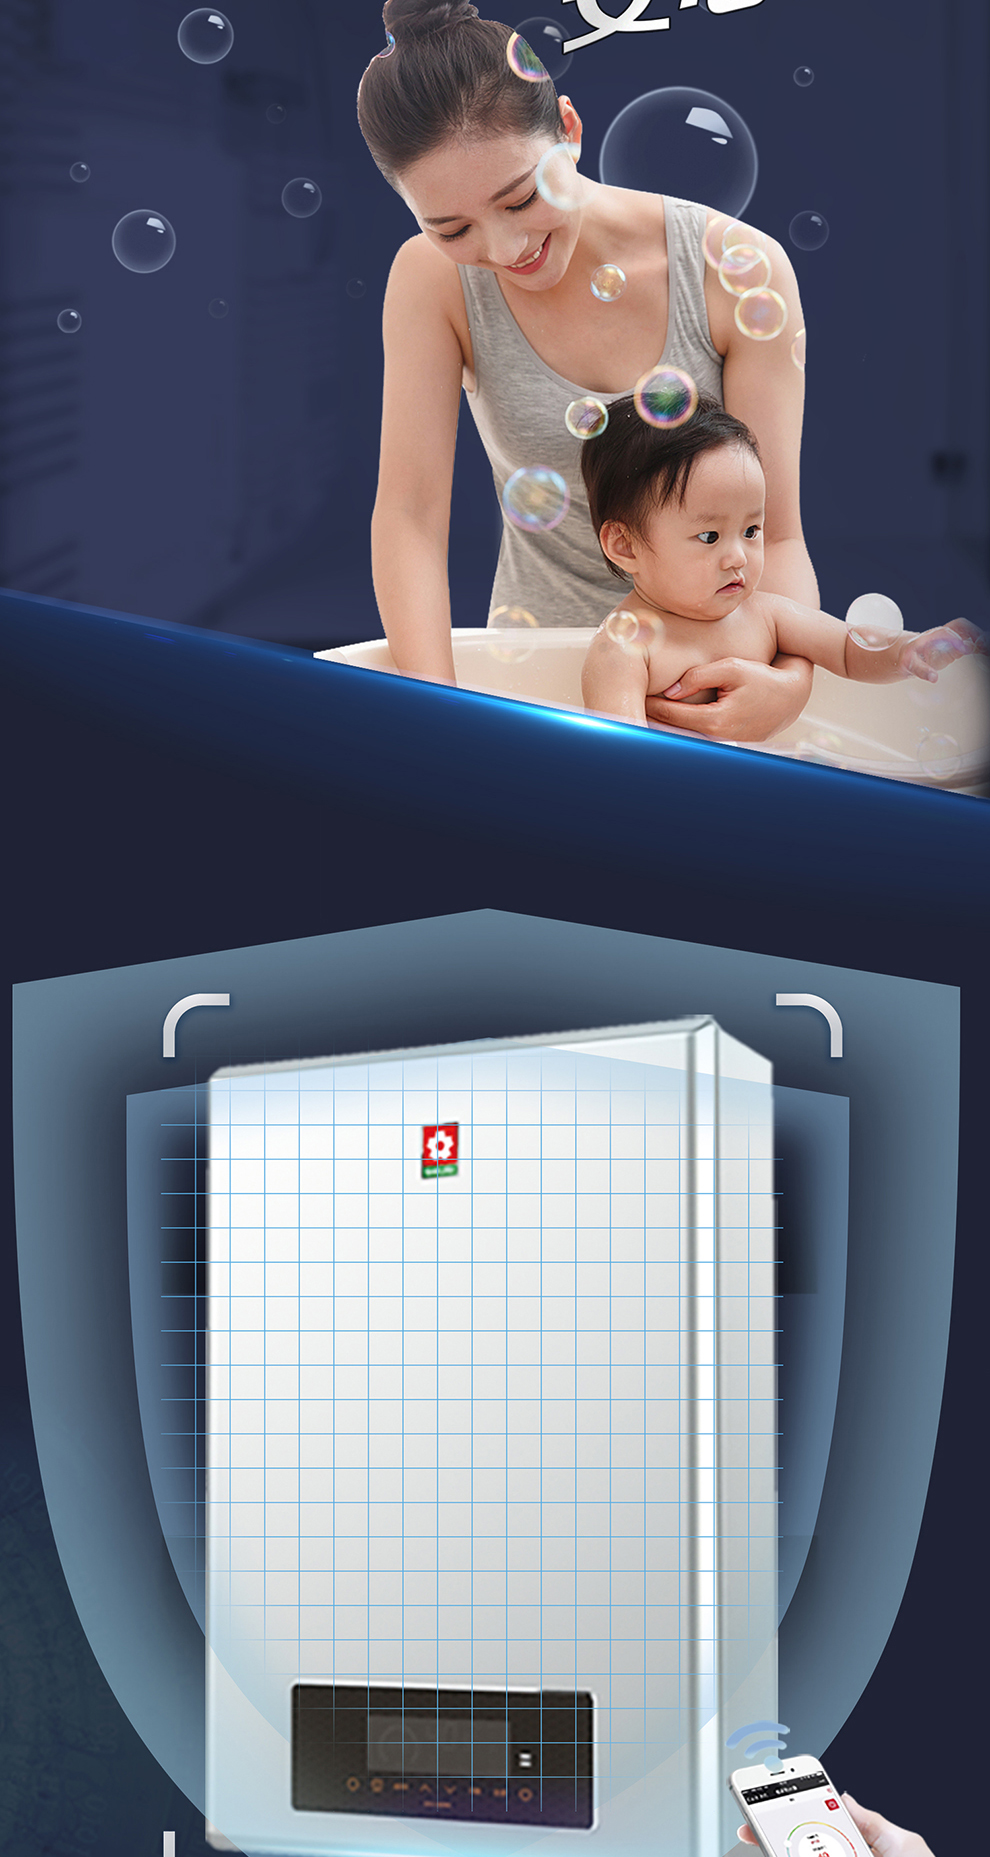 樱花热水器34年经验告诉你,秋冬季节该保养热水器了